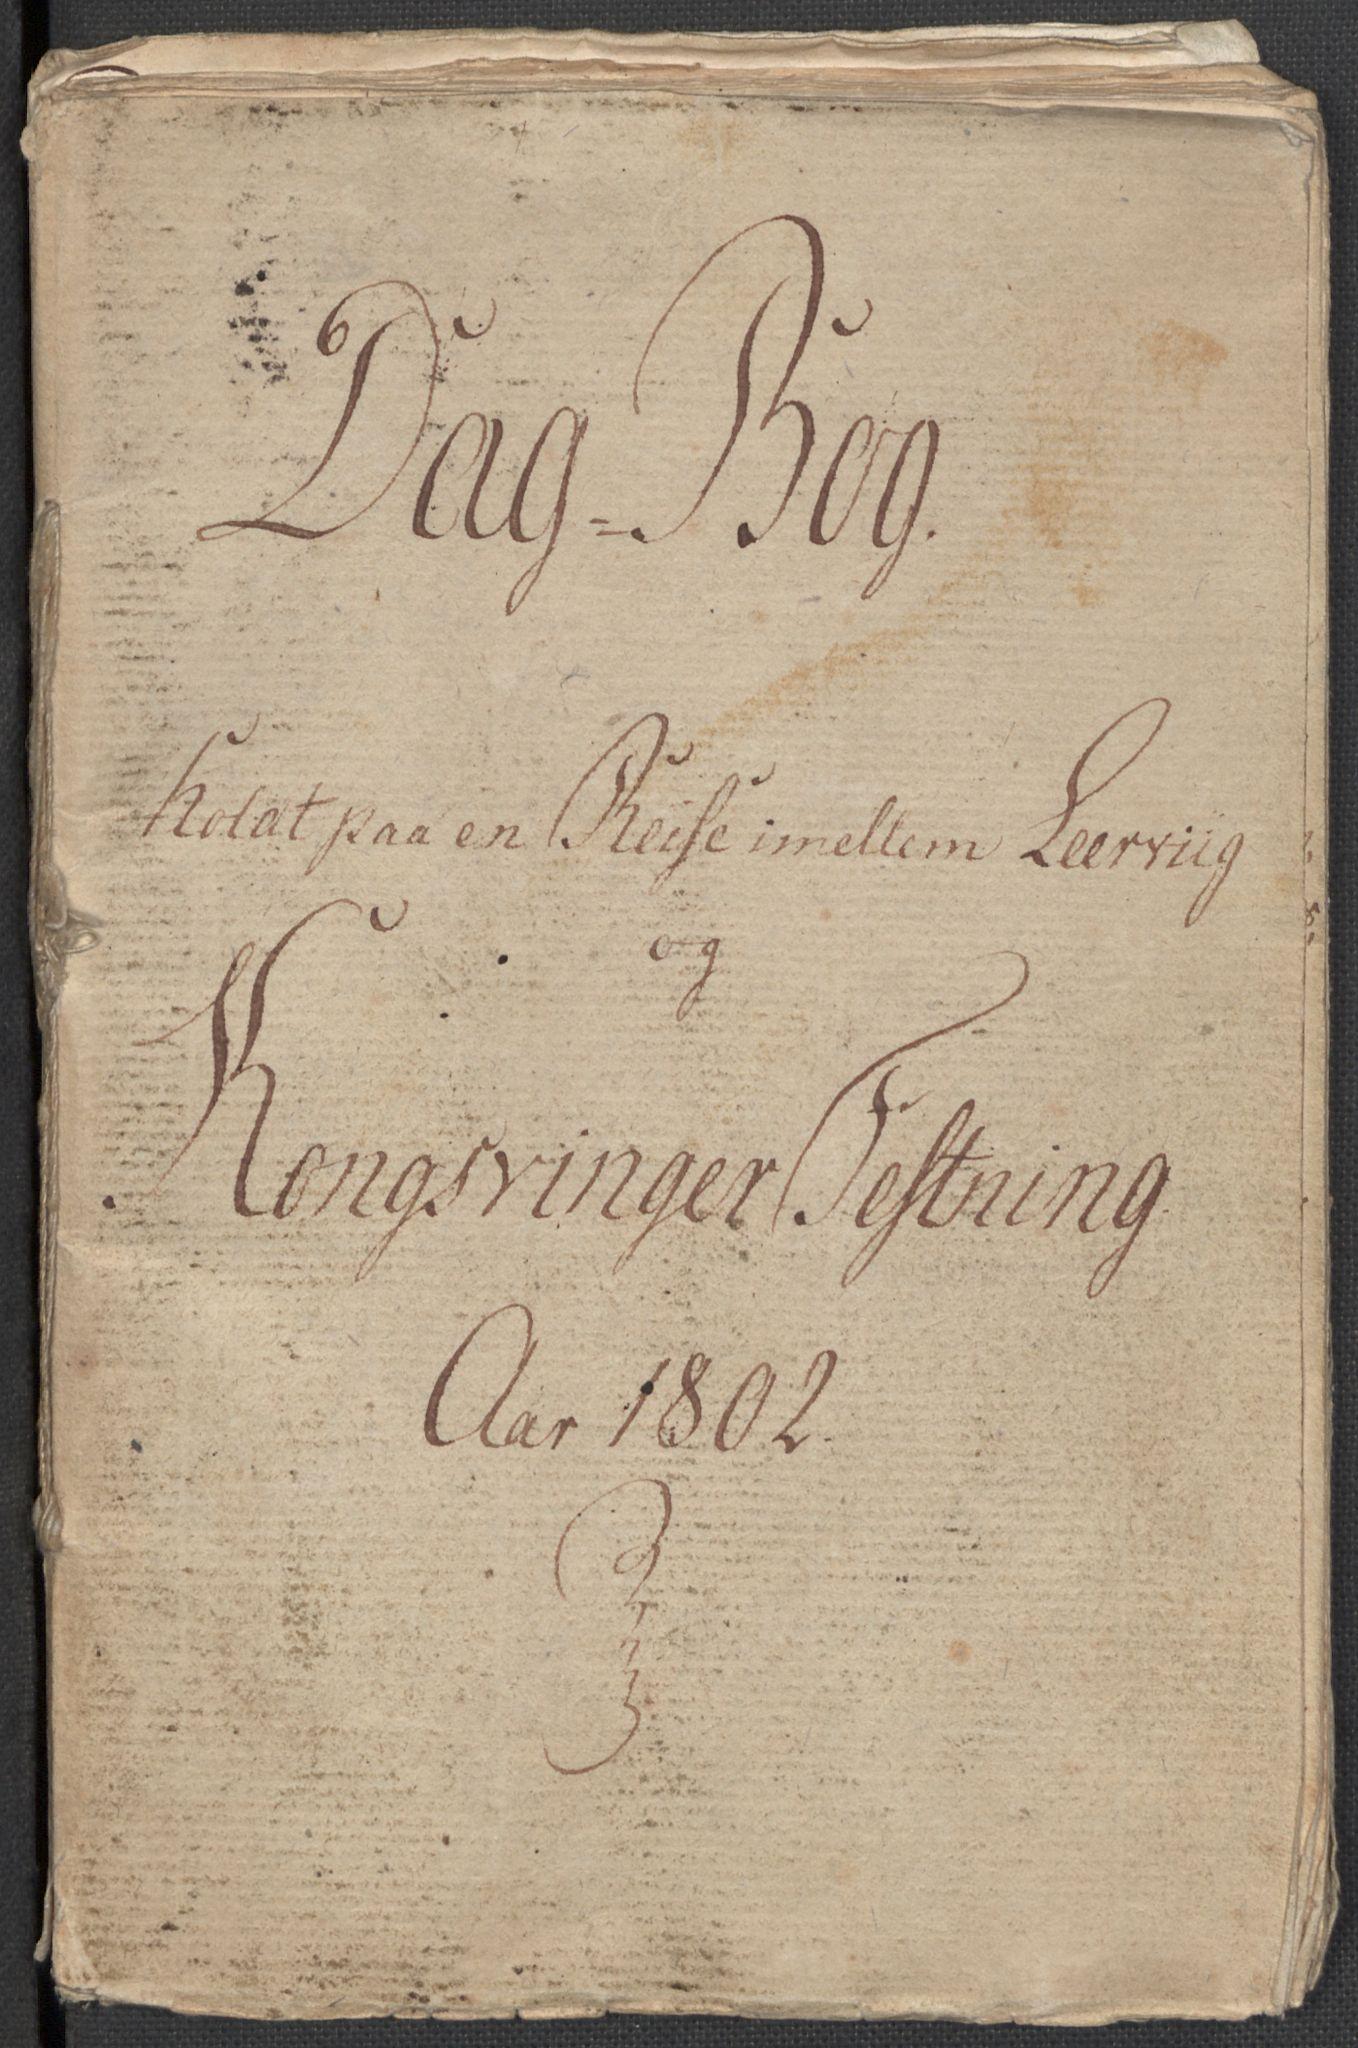 RA, Holck, Meidell, Hartvig, F/L0001: (Kassett) Dagbøker ført av Ole Elias v.Holck, 1798-1842, s. 99